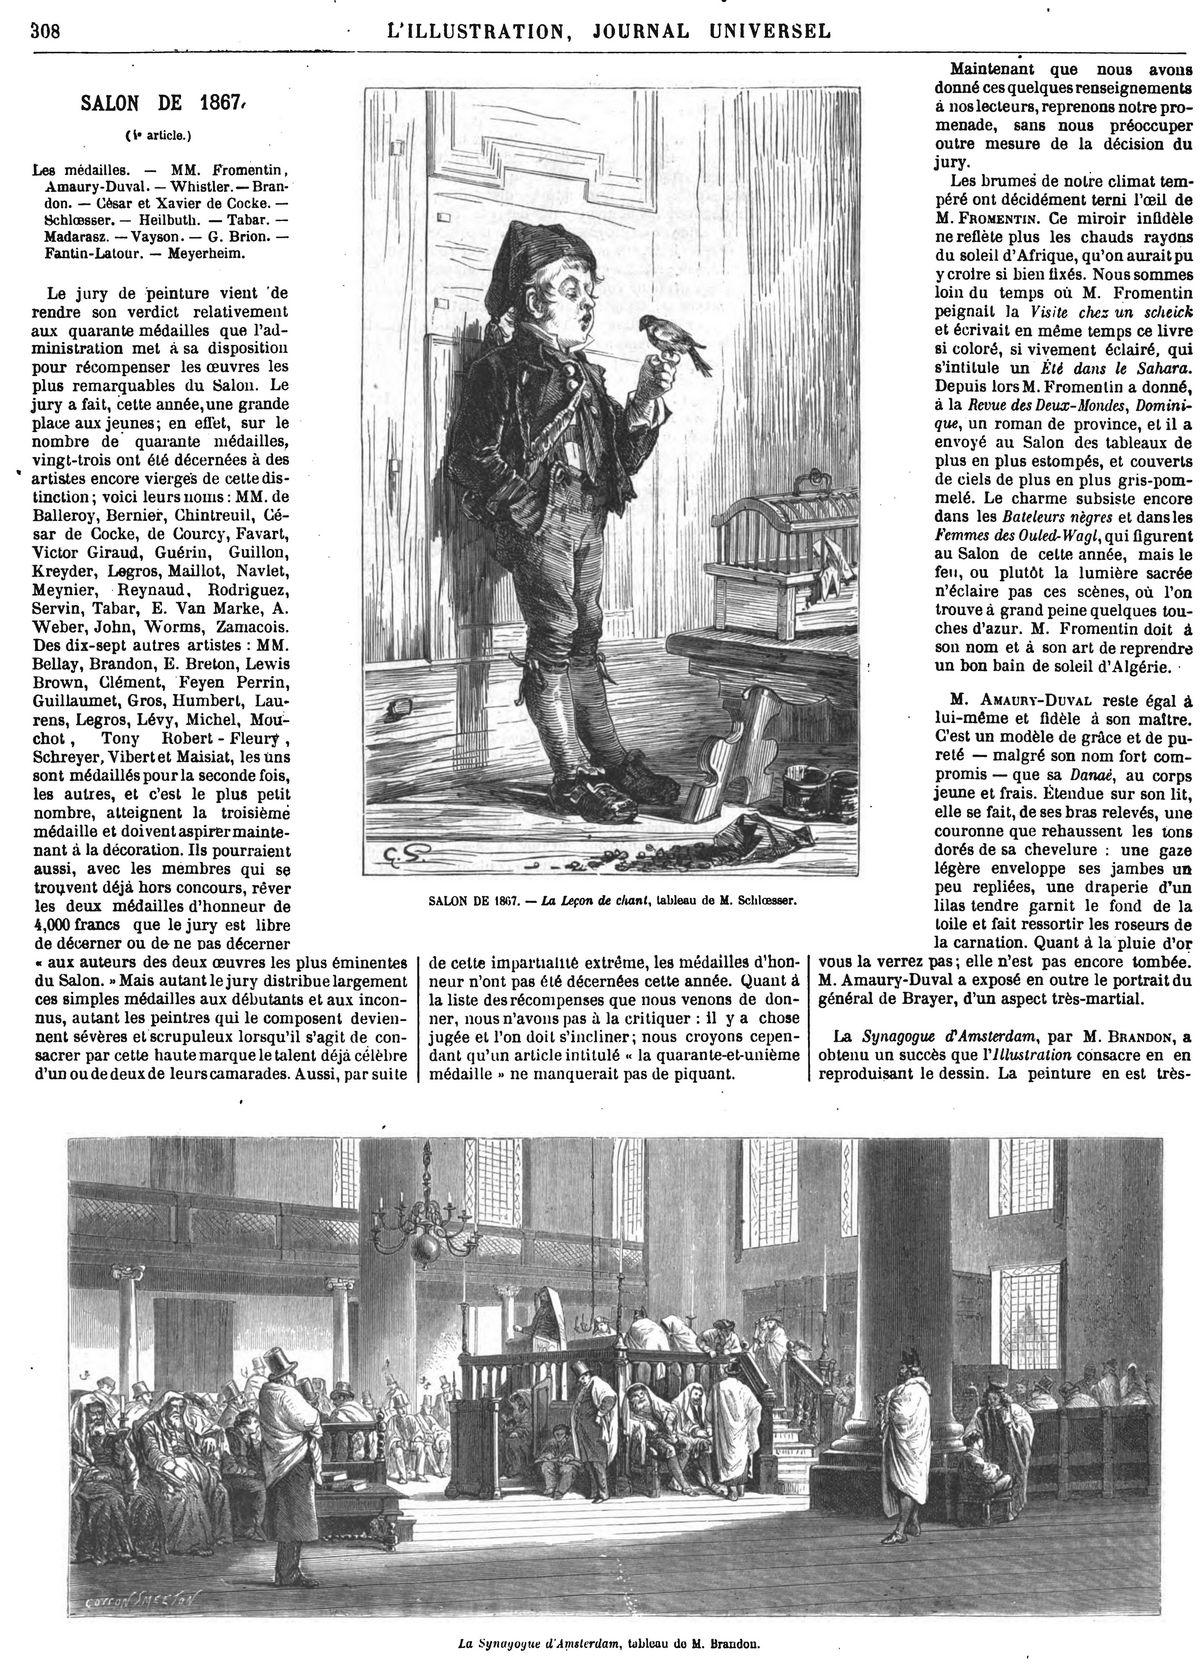 SALON DE 1867. — La Leçon de chant, tableau de M. Schloesser.